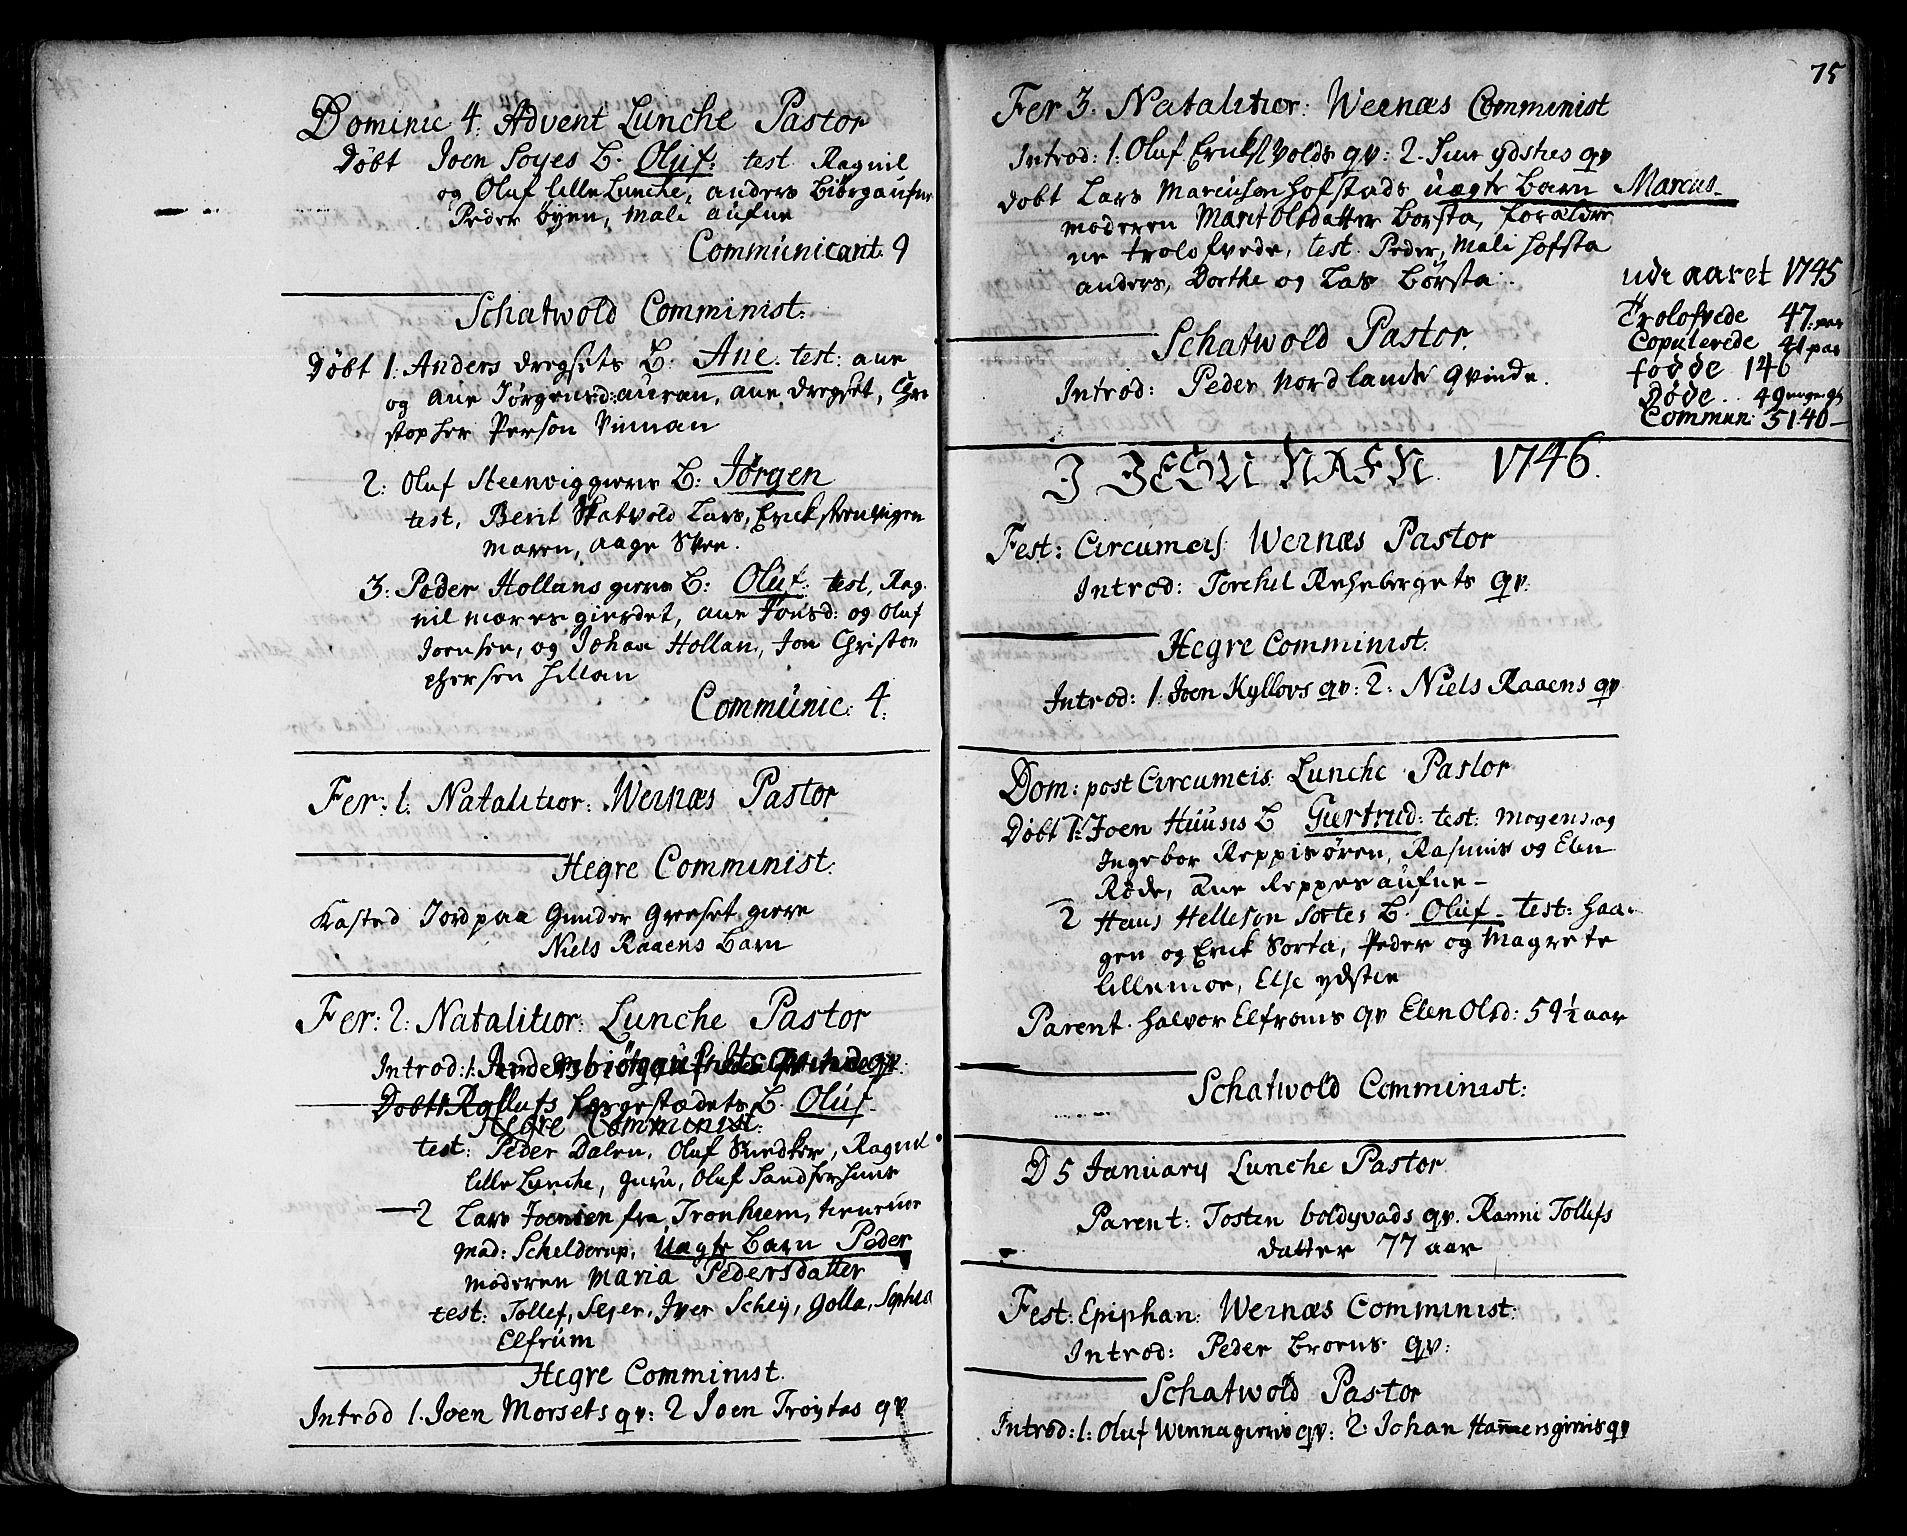 SAT, Ministerialprotokoller, klokkerbøker og fødselsregistre - Nord-Trøndelag, 709/L0056: Ministerialbok nr. 709A04, 1740-1756, s. 75